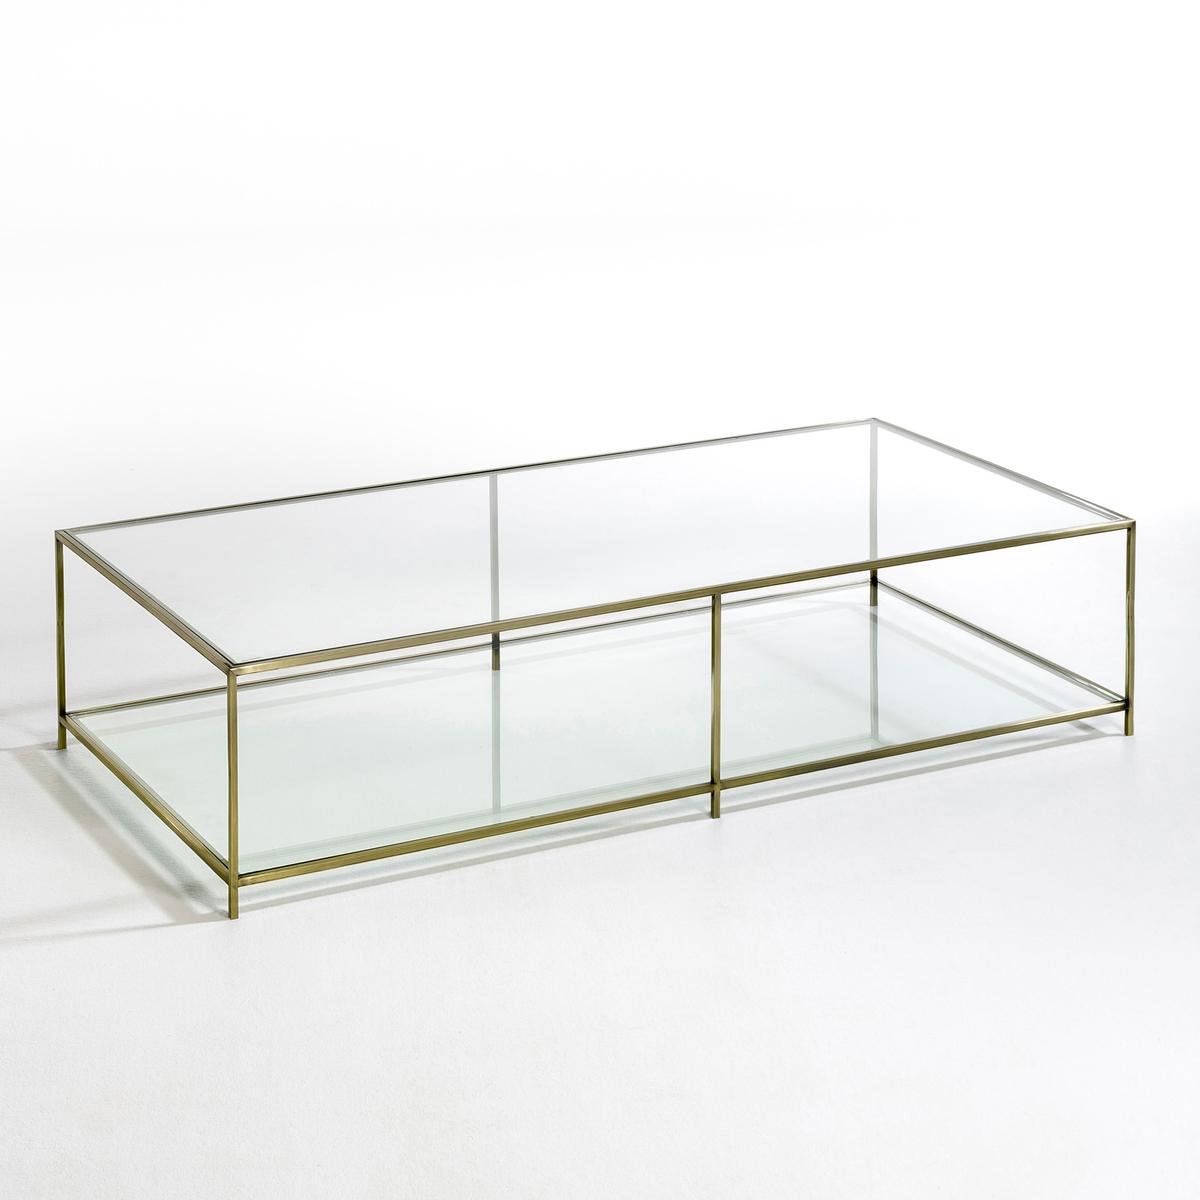 Стол журнальный прямоугольный из закаленного стекла, Sybil